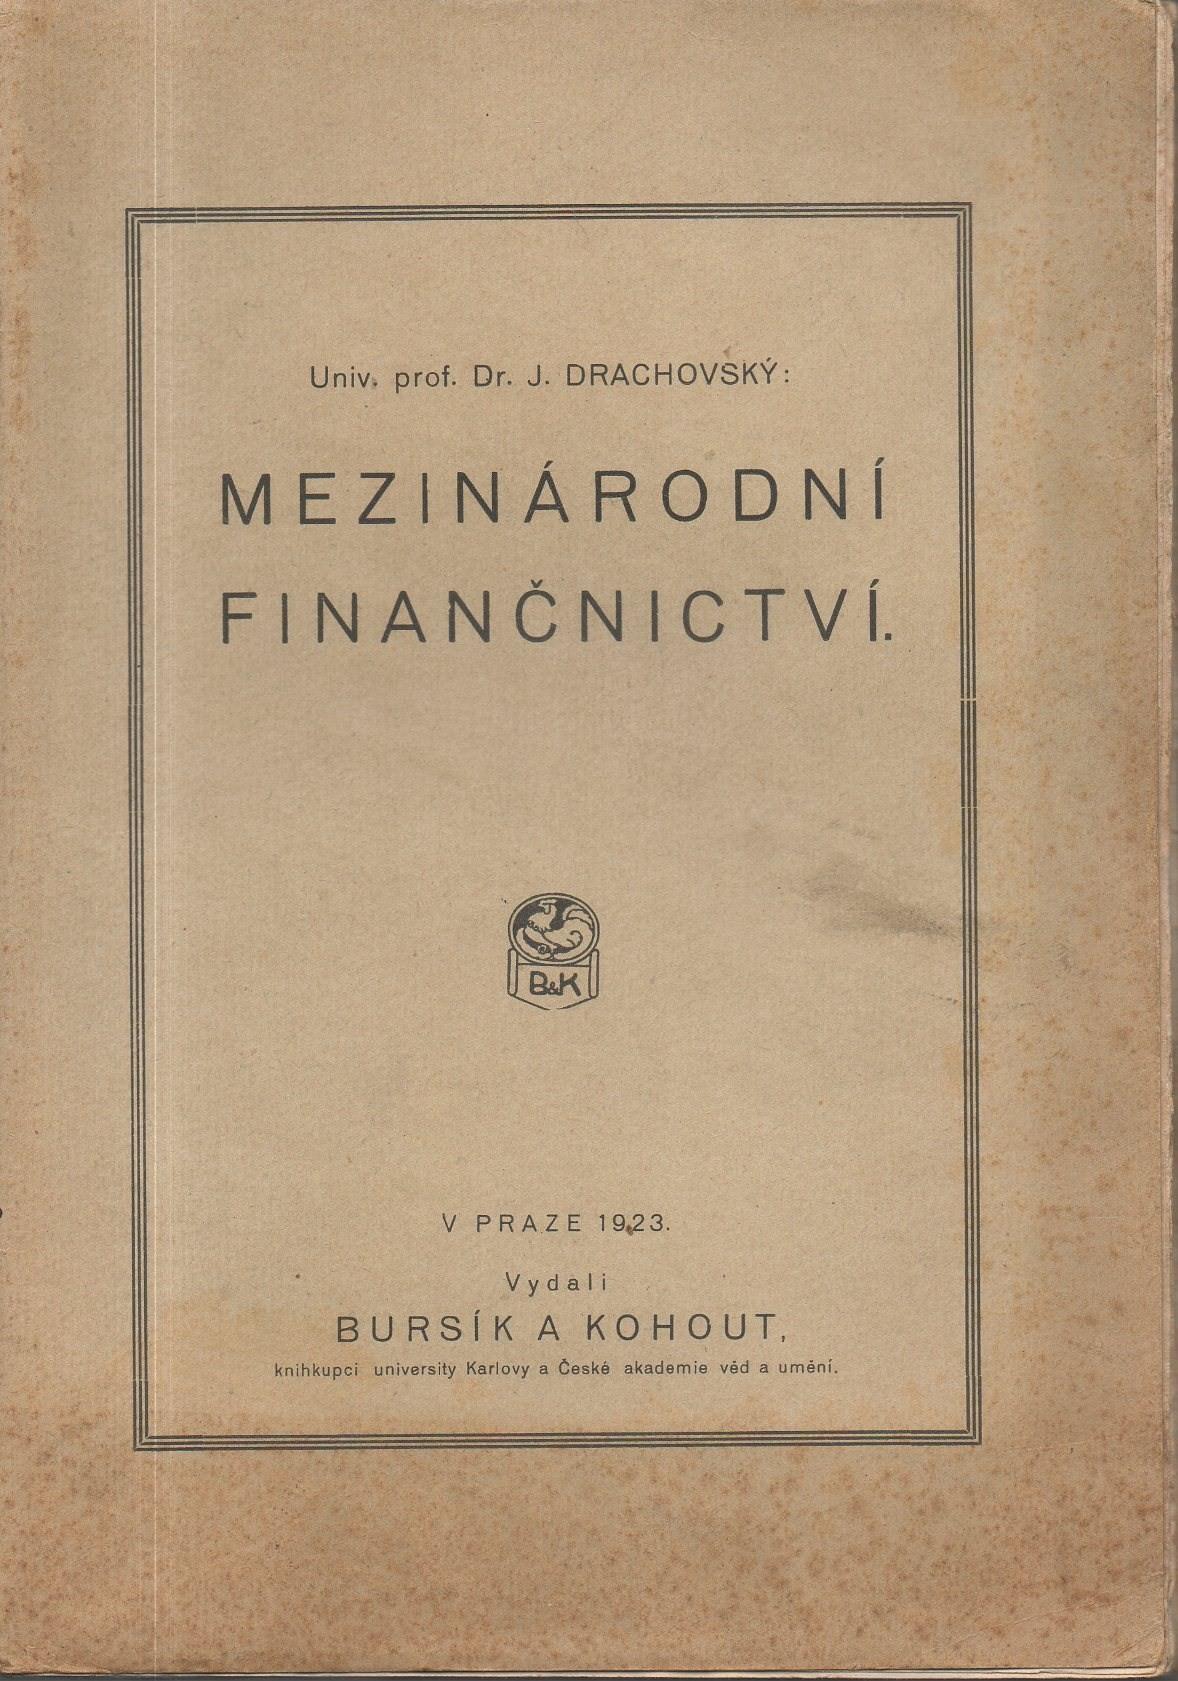 Drachovský: Mezinárodní finančnictví, 1923